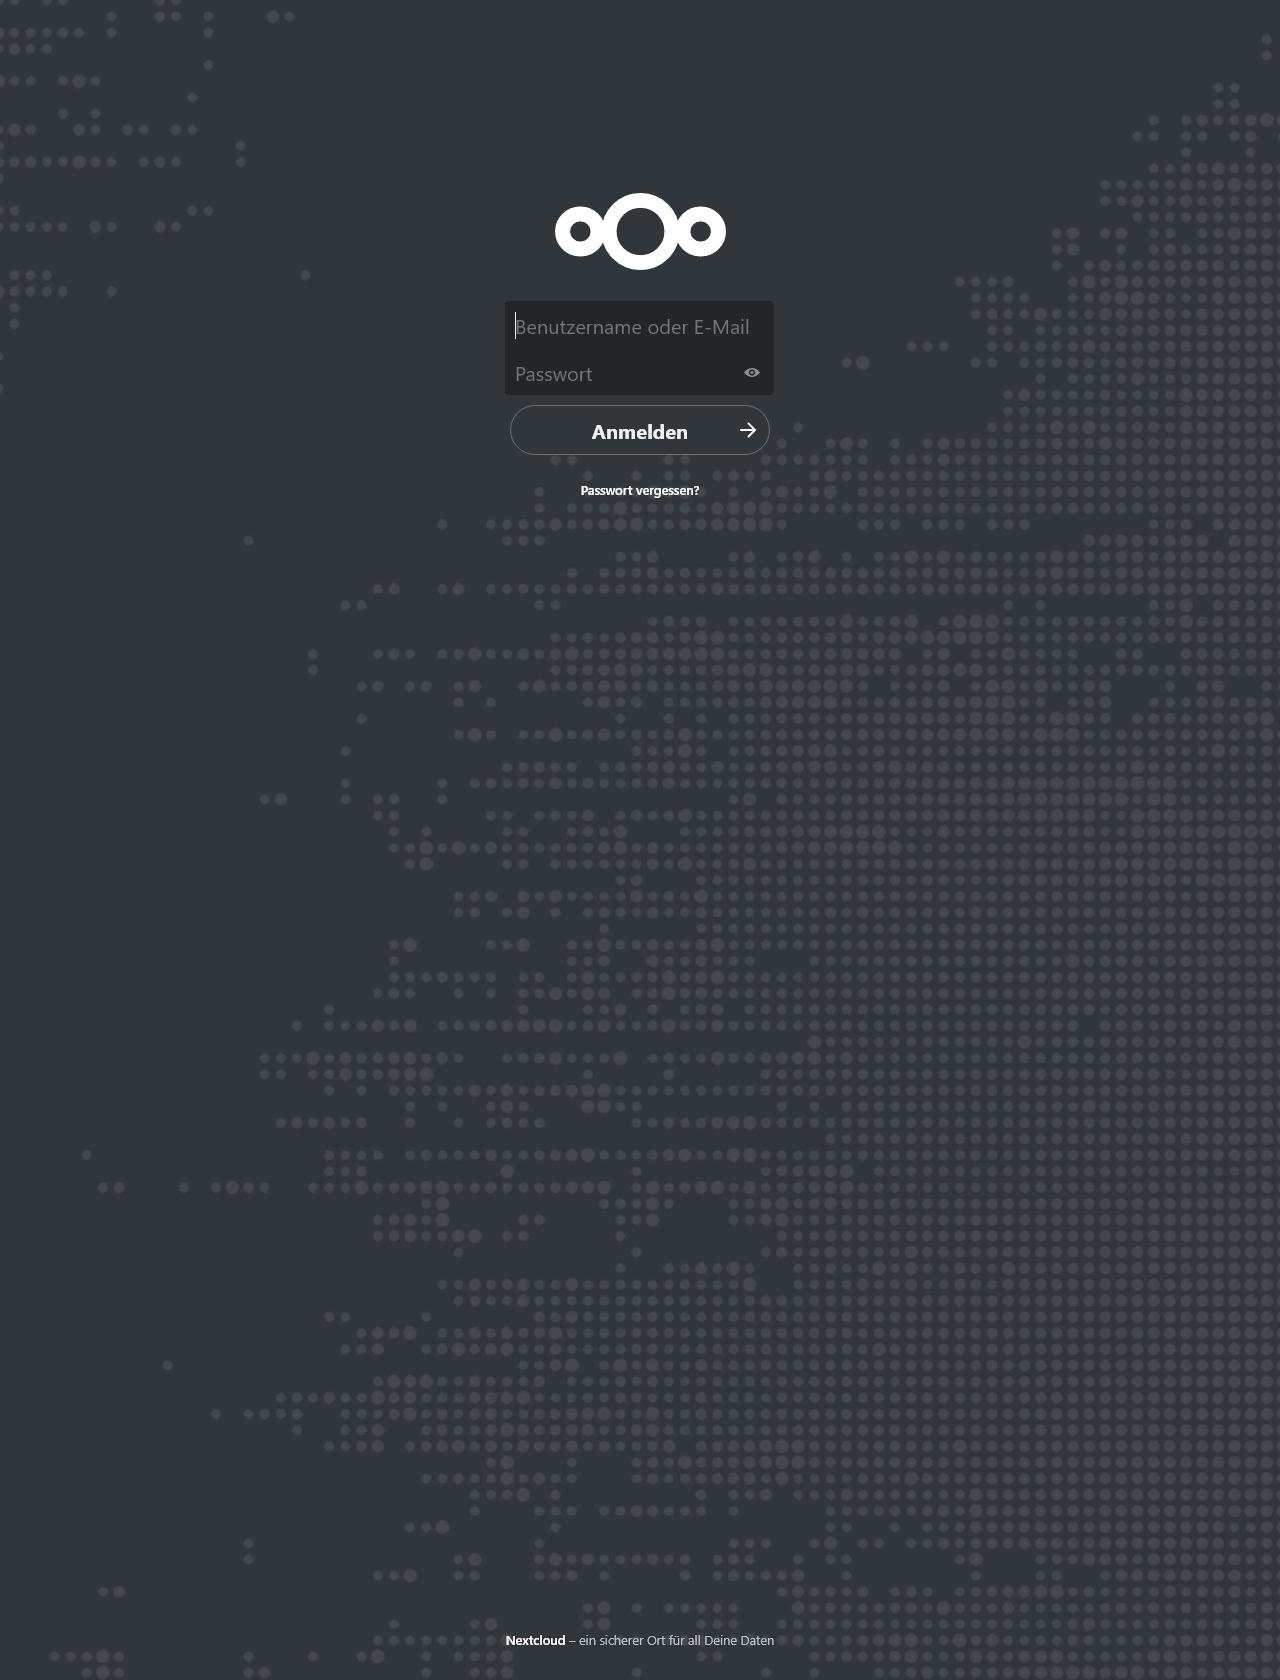 Screenshot Desktop - https://cloud.krasuski.dk/index.php/login